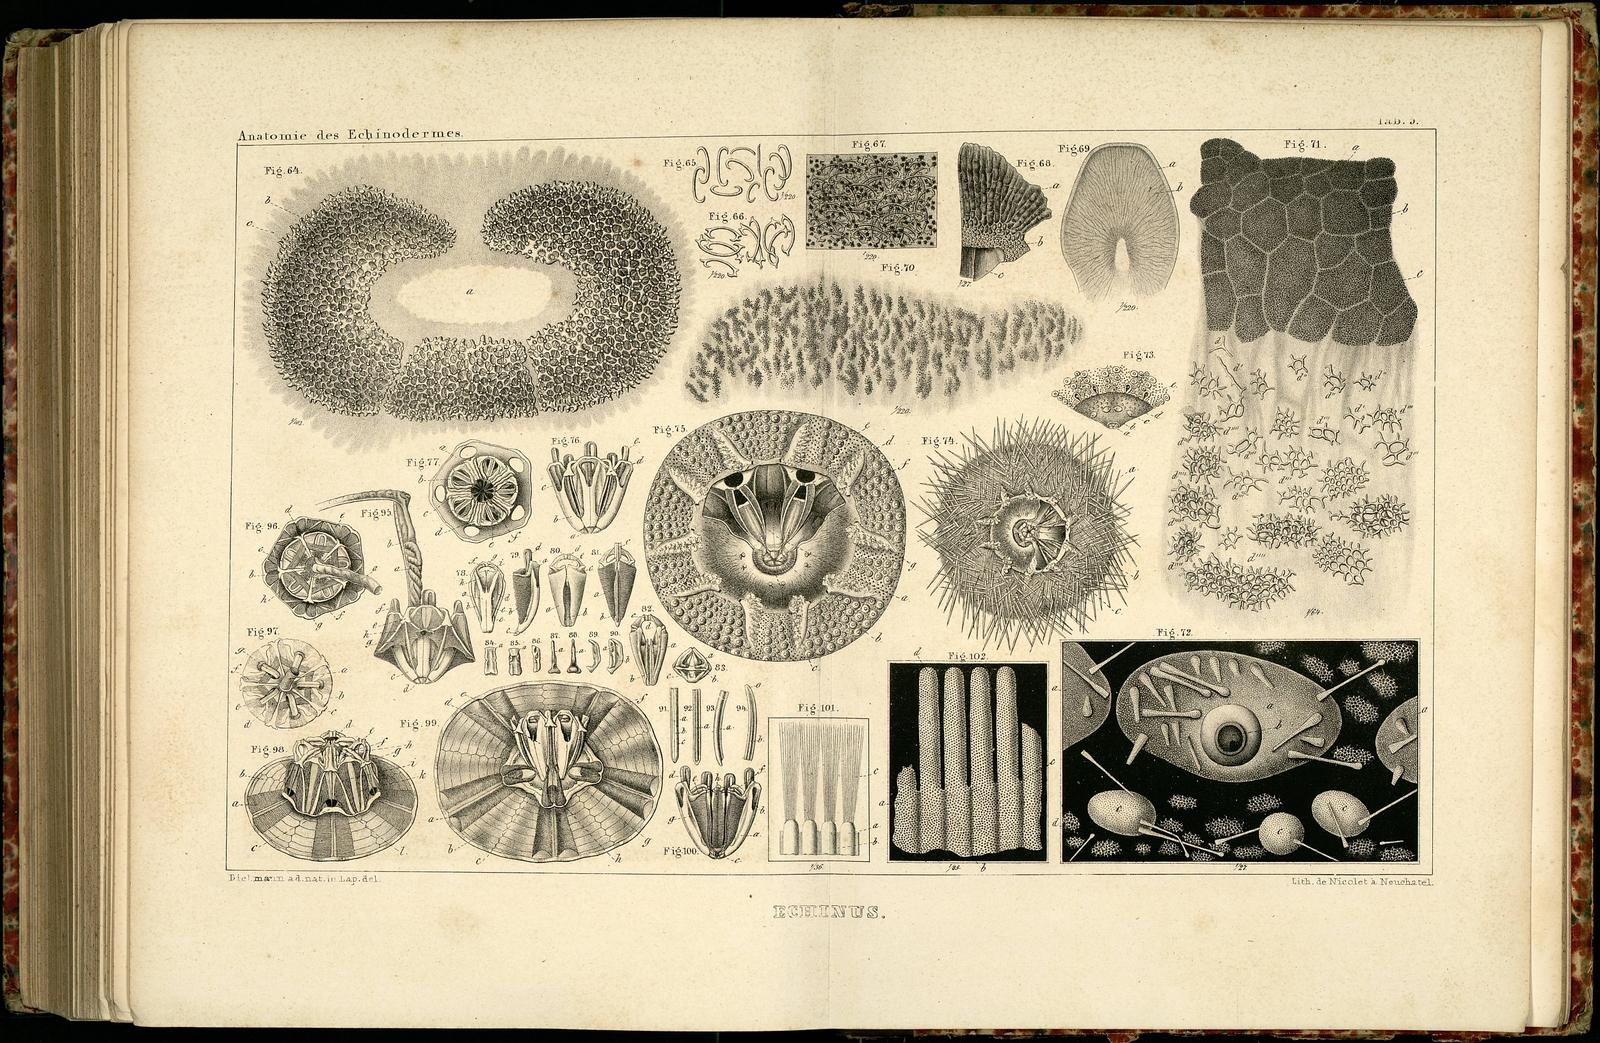 Anatomie des Echinodermes b